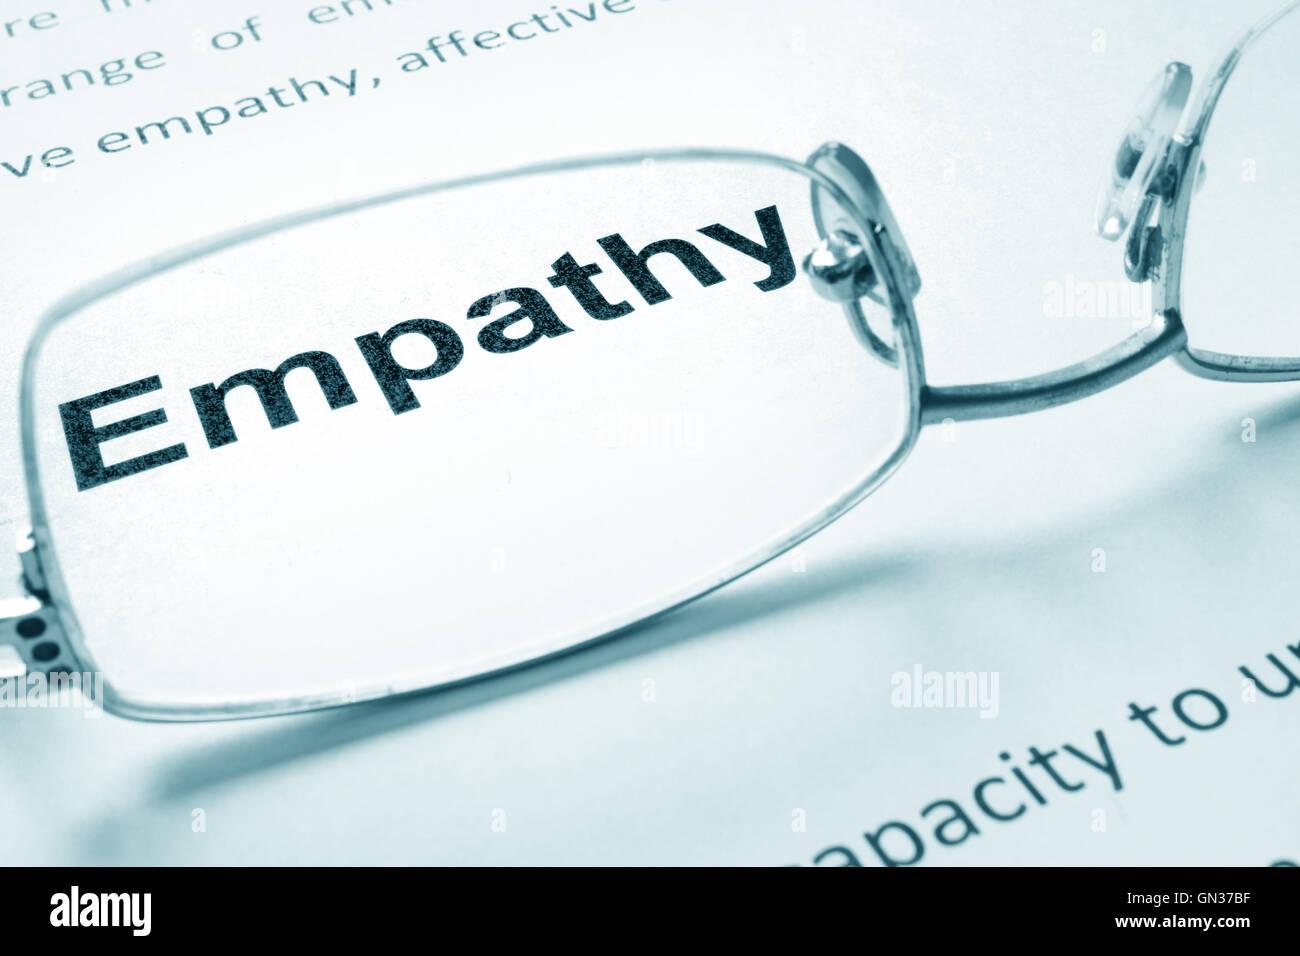 L'empatia segno su un foglio di carta e bicchieri. Immagini Stock